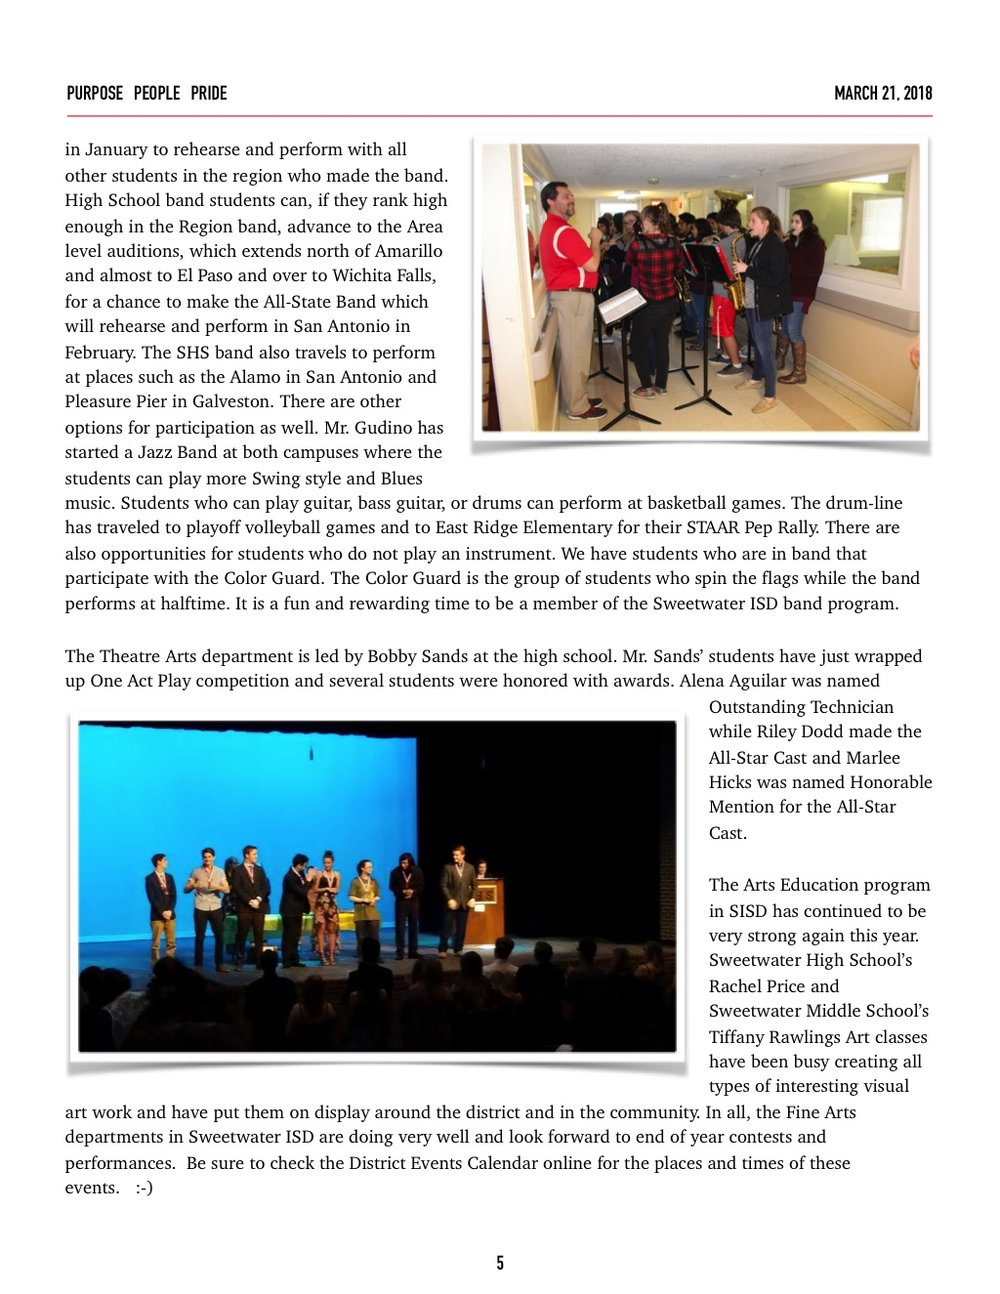 SISD Newsletter March 2018-5.jpg